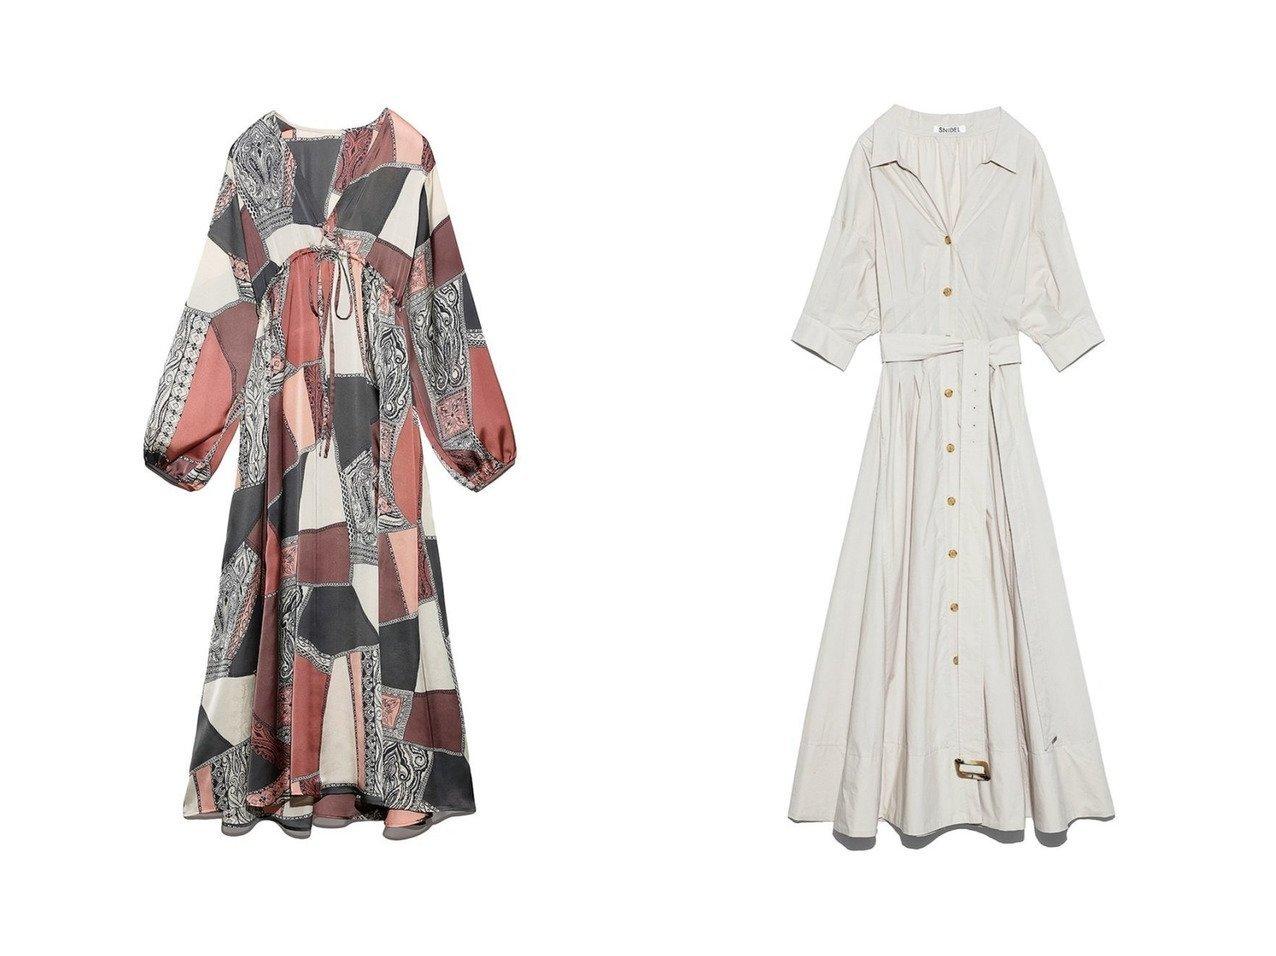 【SNIDEL/スナイデル】のSustainaコットンシャツOP&【Lily Brown/リリーブラウン】のカラーブロックワンピース ワンピース・ドレスのおすすめ!人気、レディースファッションの通販  おすすめで人気のファッション通販商品 インテリア・家具・キッズファッション・メンズファッション・レディースファッション・服の通販 founy(ファニー) https://founy.com/ ファッション Fashion レディース WOMEN ワンピース Dress マキシワンピース Maxi Dress トップス Tops Tshirt シャツ/ブラウス Shirts Blouses シャツワンピース Shirt Dresses ブロック マキシ ロング インナー エレガント スリーブ チェック 定番 人気 バランス フレア 無地 A/W 秋冬 Autumn &  Winter |ID:crp329100000004322